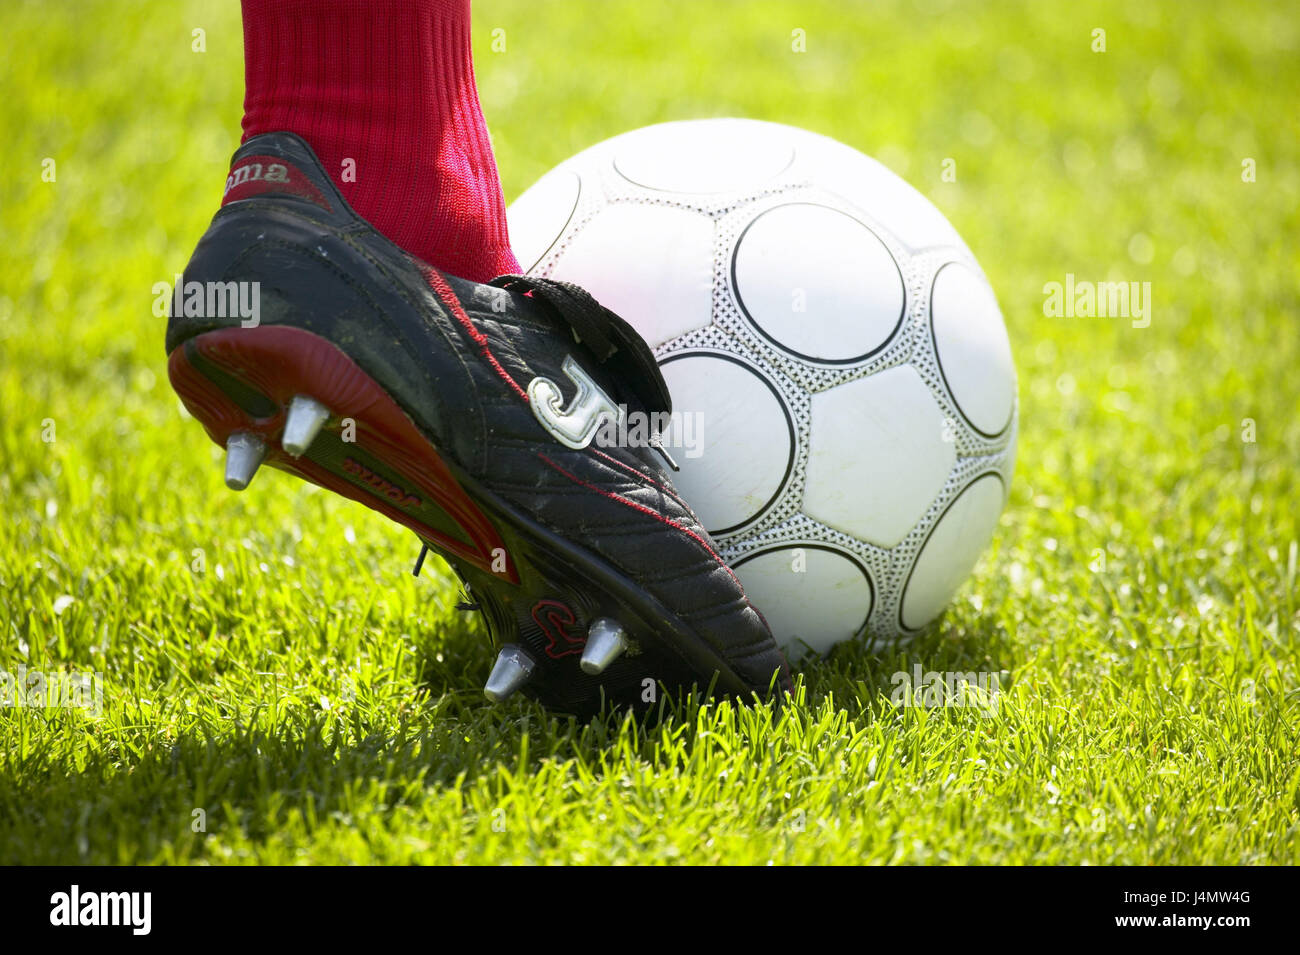 Céspedes, el fútbol, el jugador, detalle, pie de fútbol